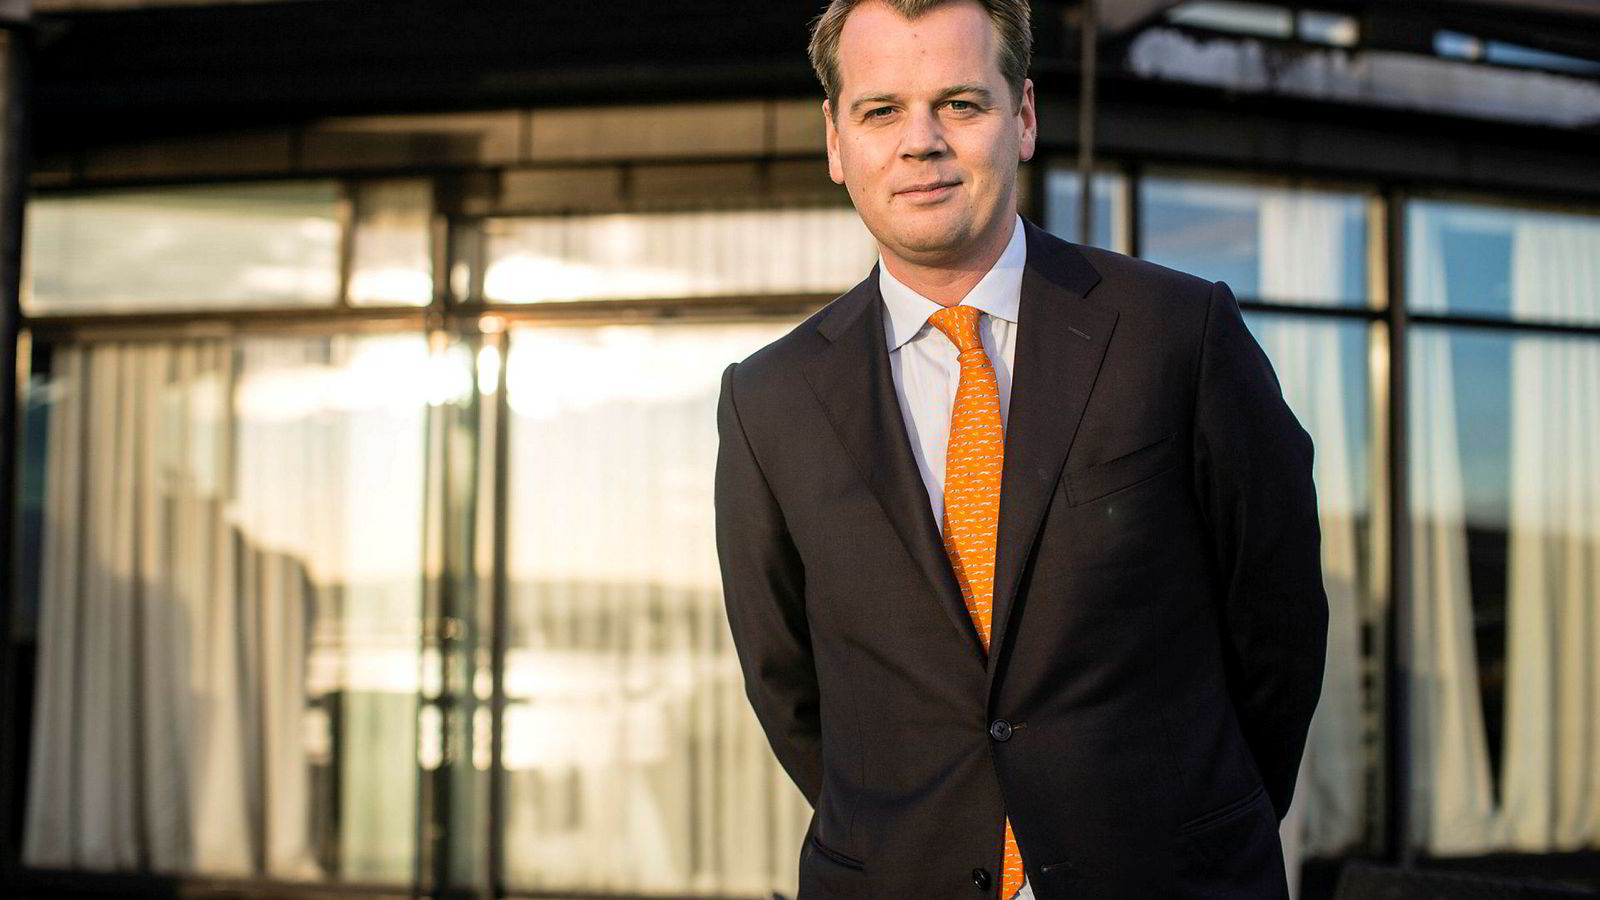 Frontline-sjef Robert Macleod tror på et sterkt tankmarked inn i 2020.